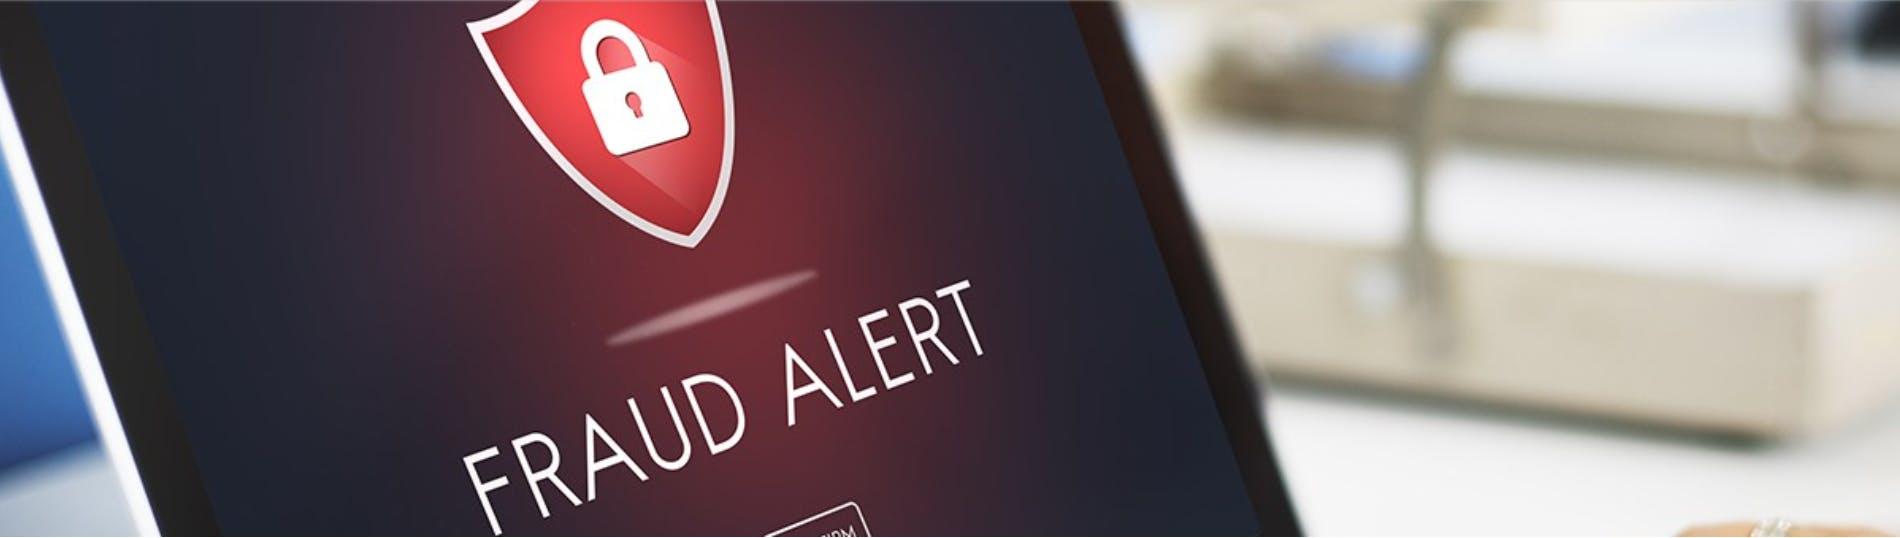 4ba1acbd671dde3f320c03139c569a416a47a2c2_fraud-alert